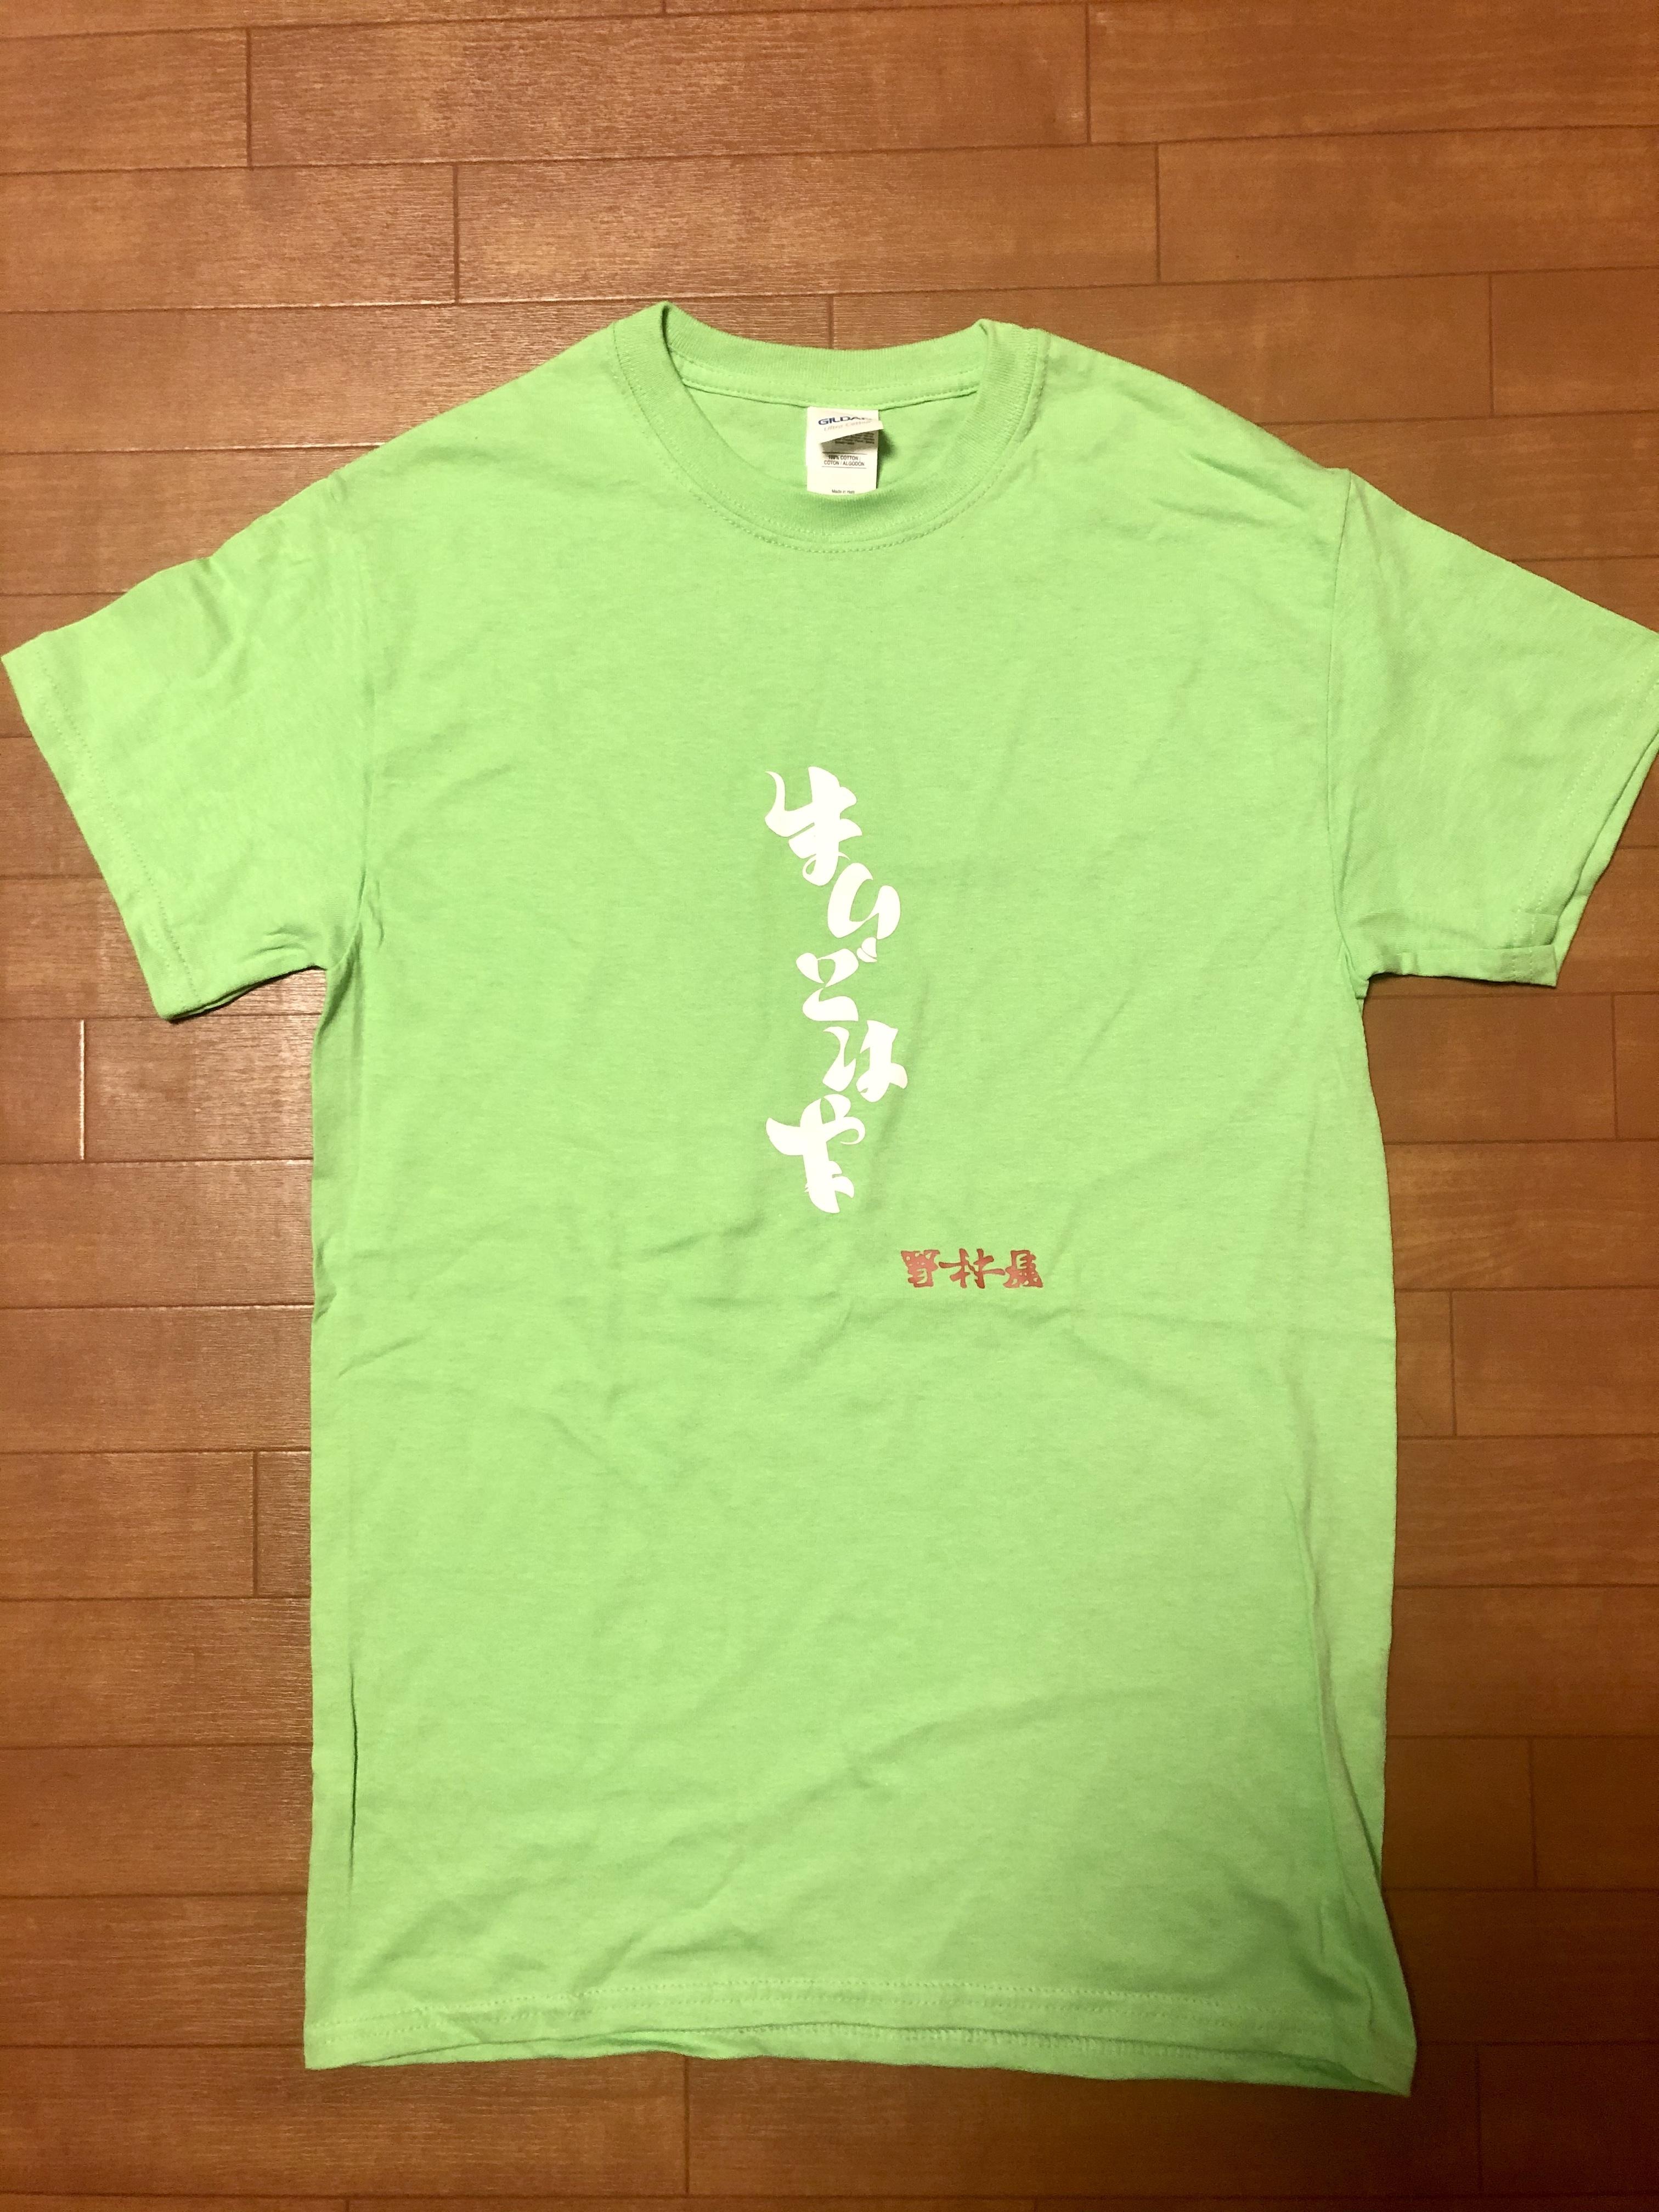 【チューリップテレビ「ゆるゆる富山遺産」放映記念!】『まいどはや⇔またこられ』Tシャツ【1点限定】Sサイズ